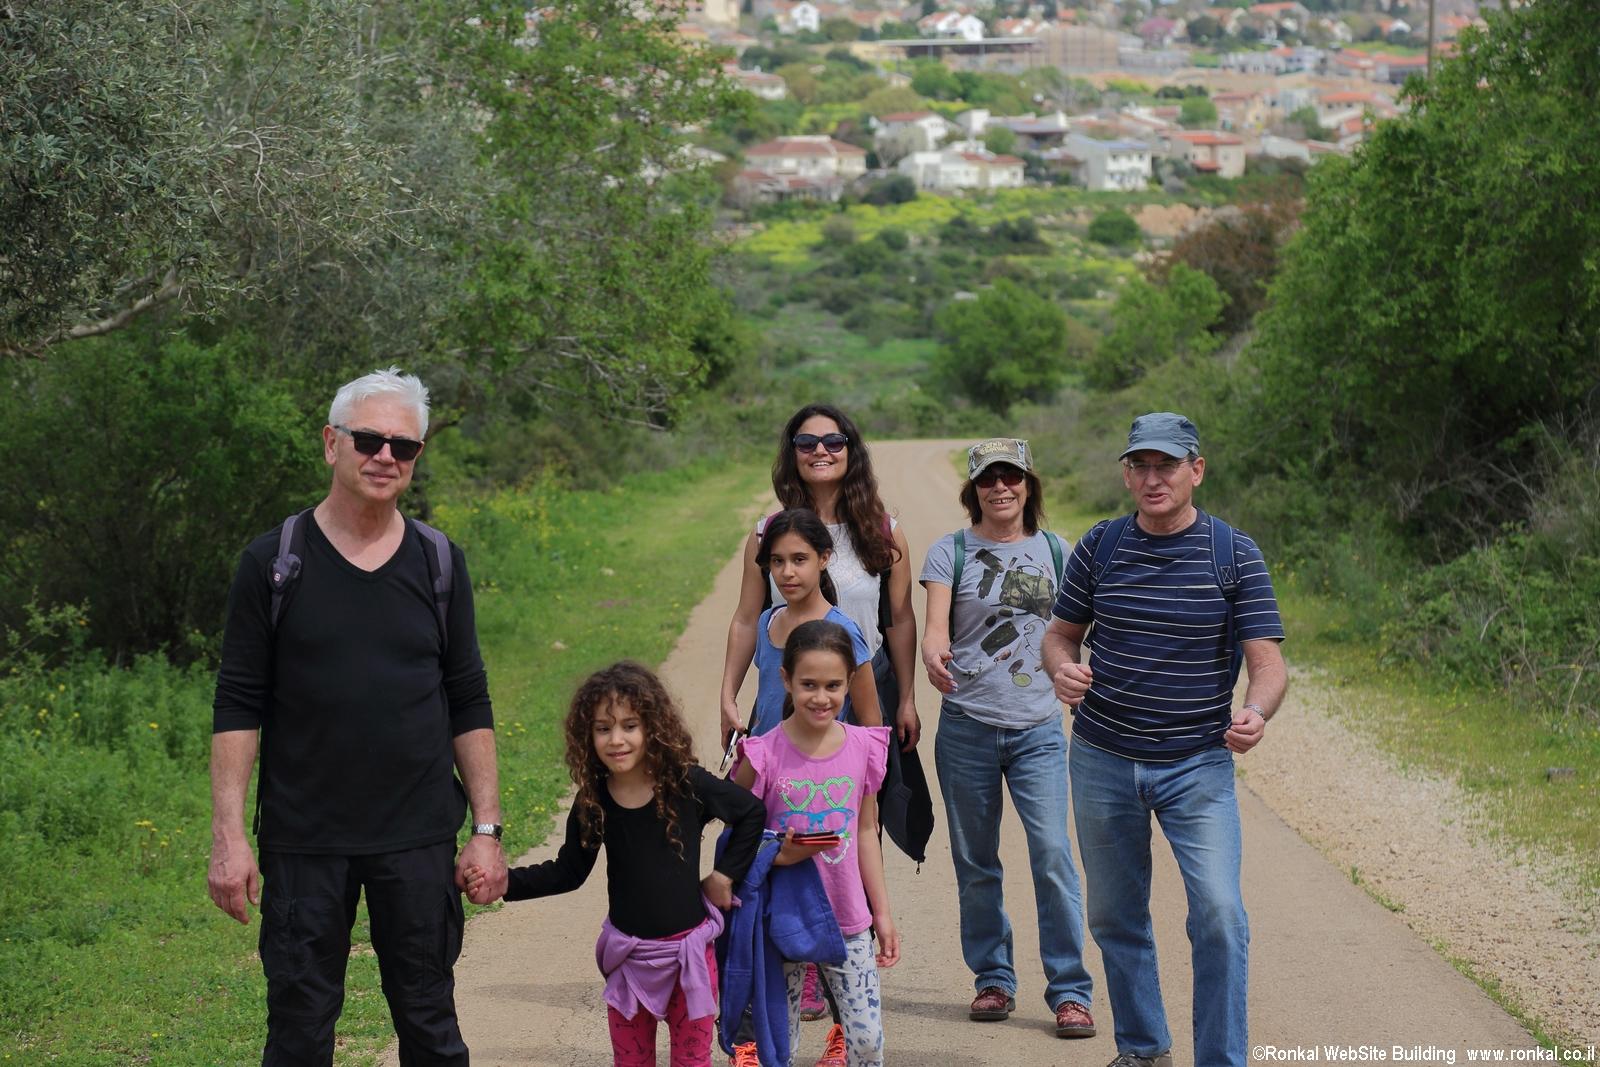 שביל ישראל - ממשהד  לצומת יפתחאל